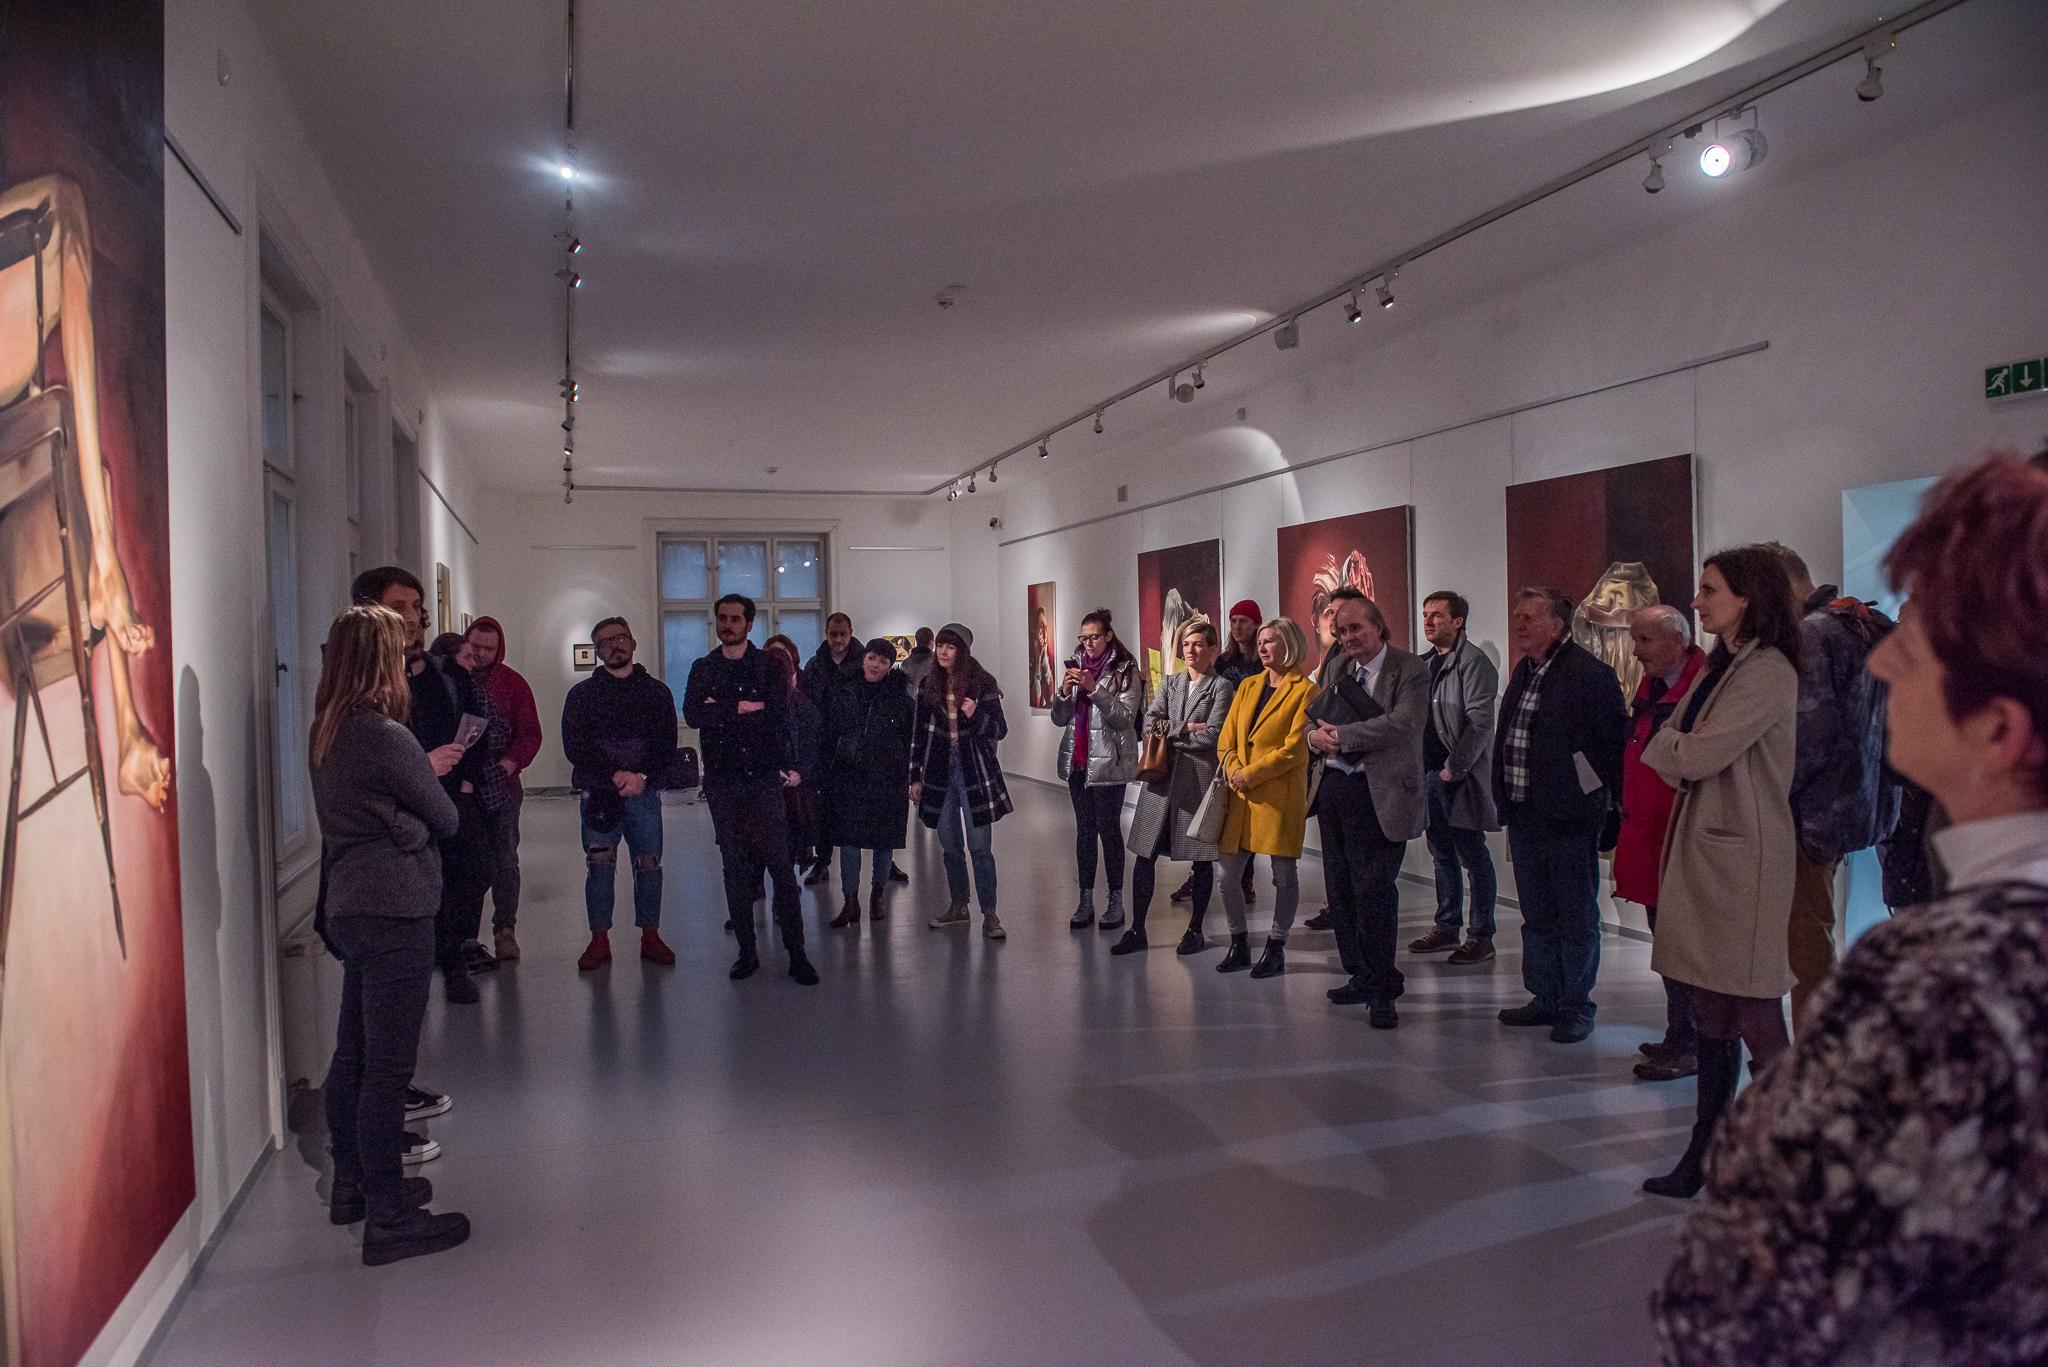 vernisáž BARBORA MIKUDOVÁ – MALÁ DOMÁCÍ NEBEZPEČÍ / 3. 3. 2020 // Galerie Obecního domu